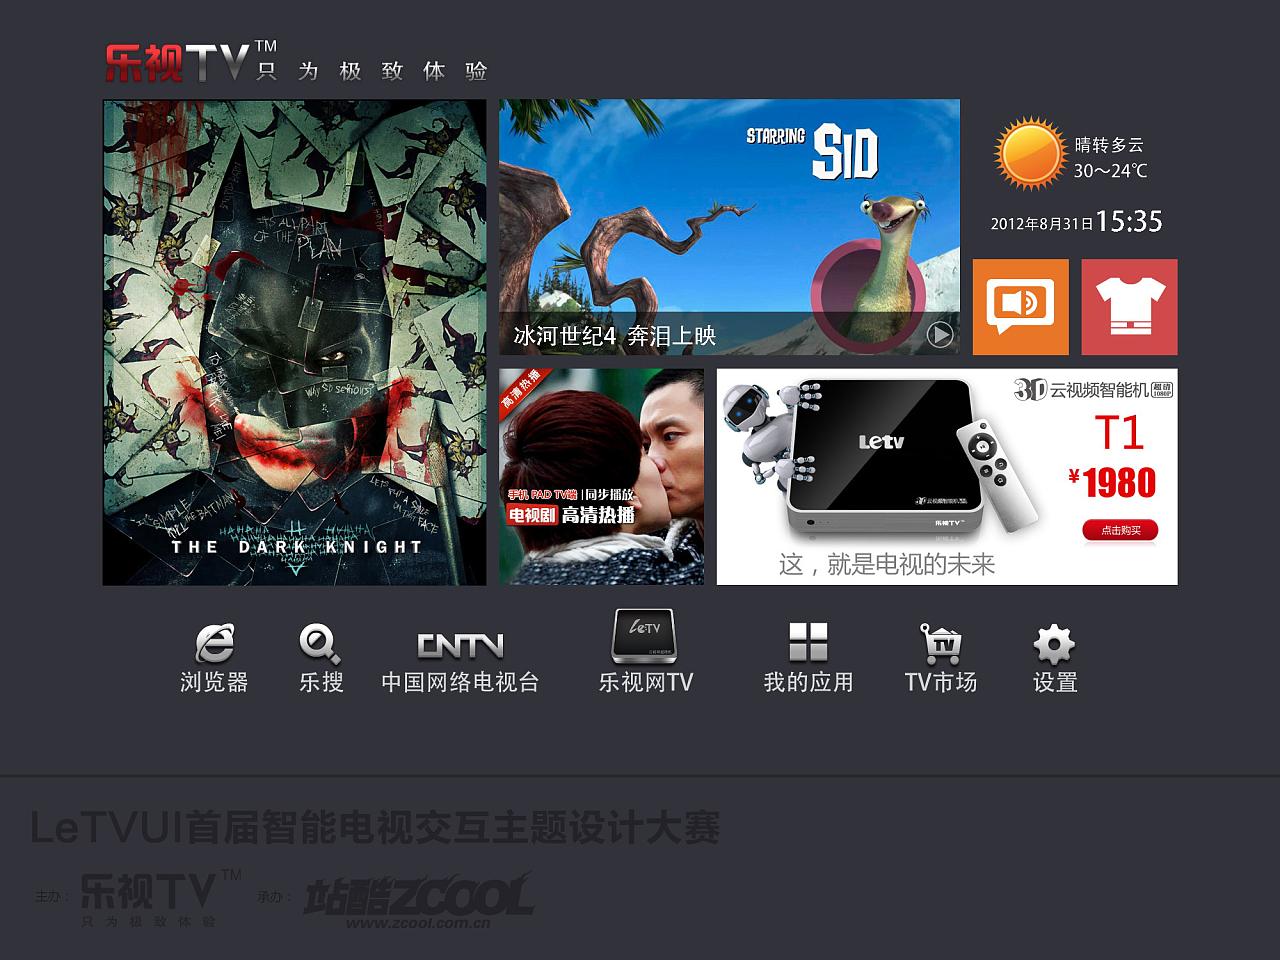 乐视tv智能电视交互主题设计大赛作品图片